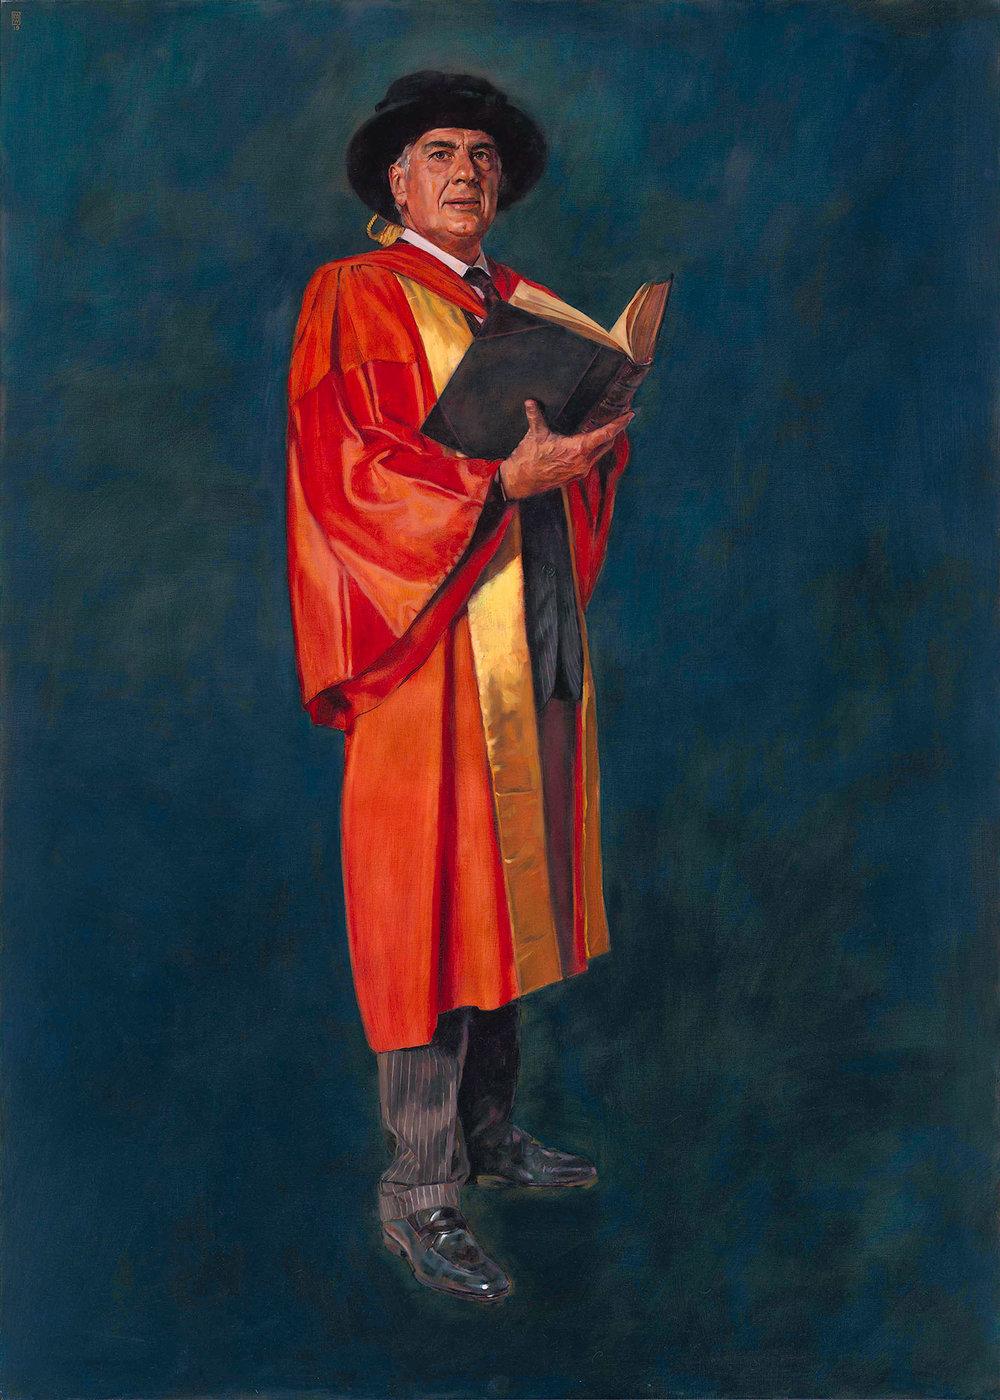 A-Man-In-Uniform---The-Scholar_SMH_by_LMW_c.jpg